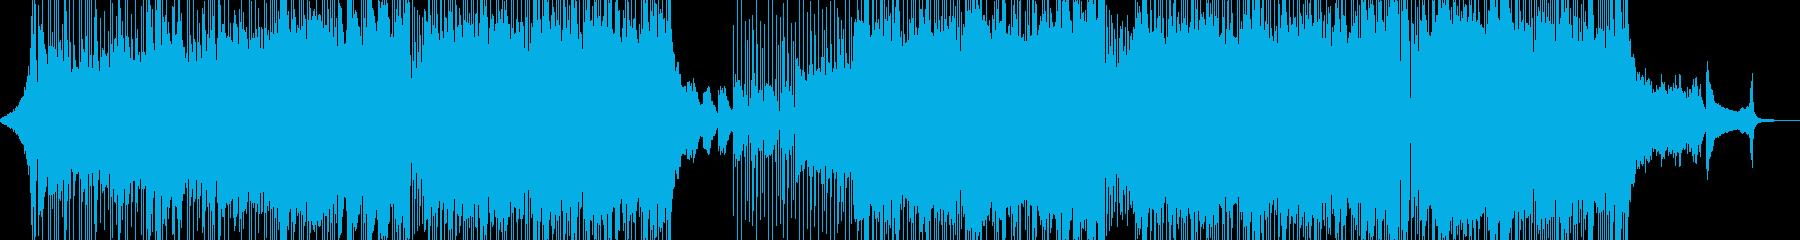 アオハル 前向きに走りだすポップス Dの再生済みの波形